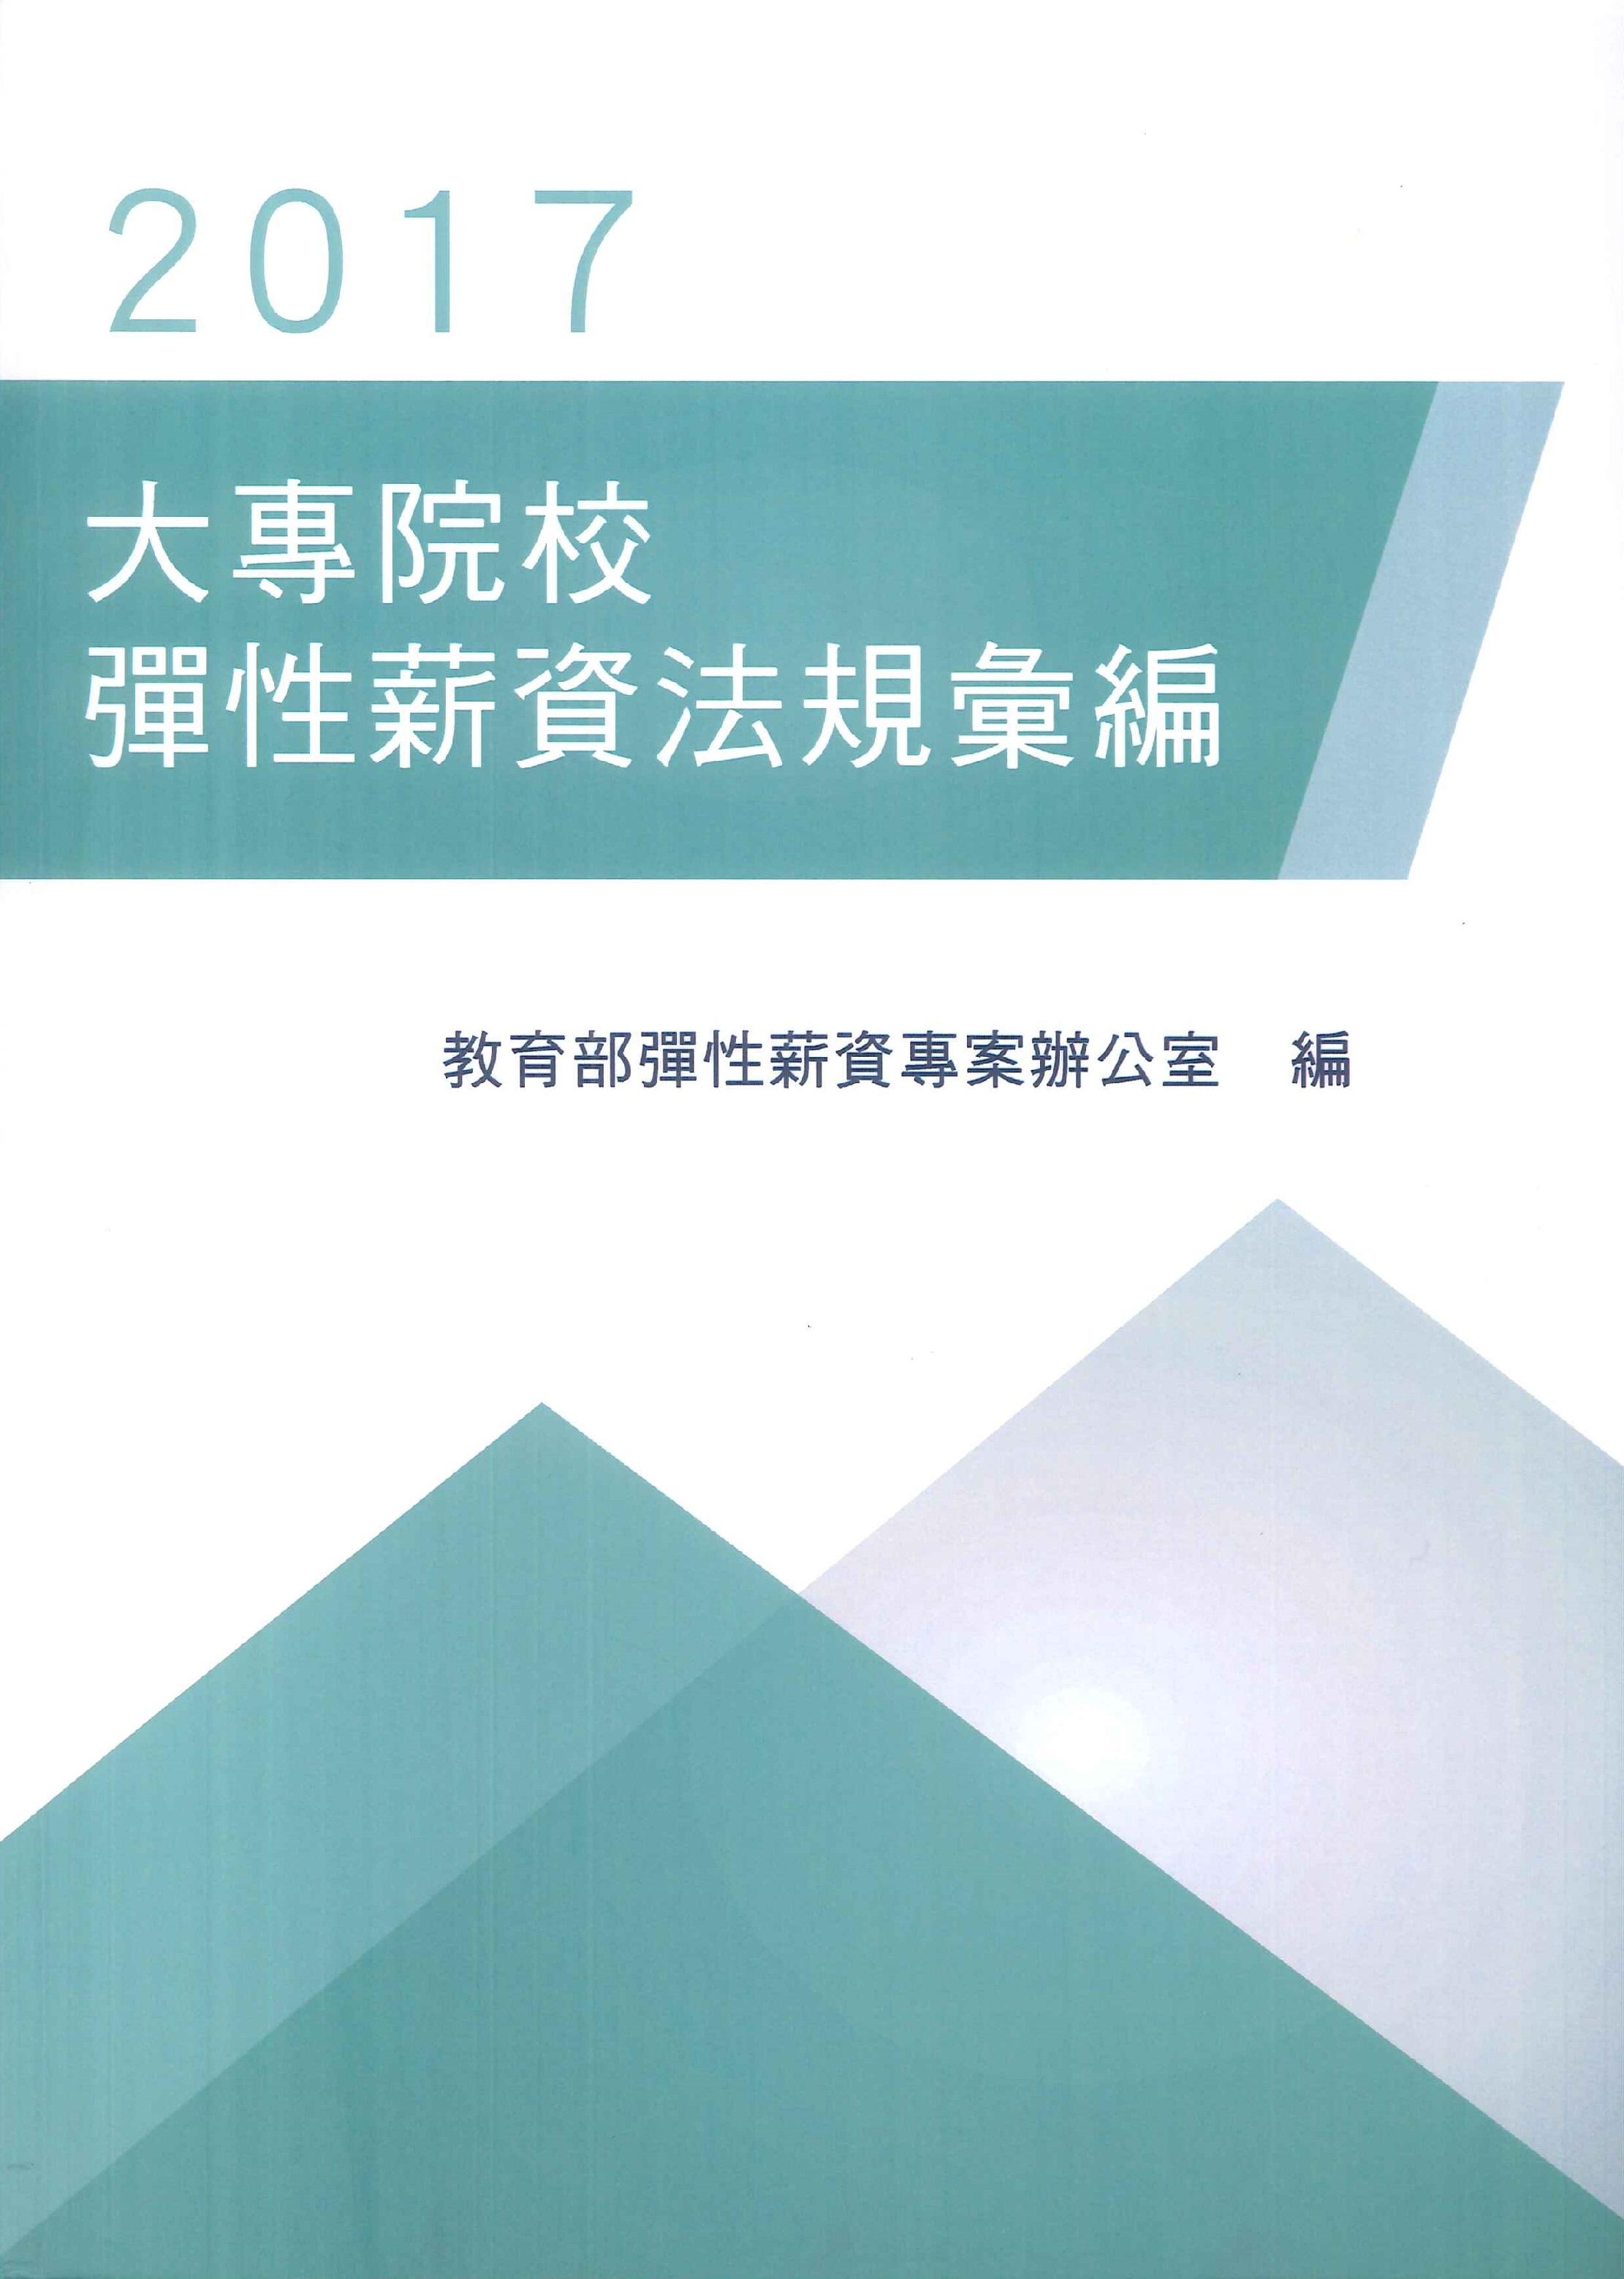 大專院校彈性薪資法規彙編.2017